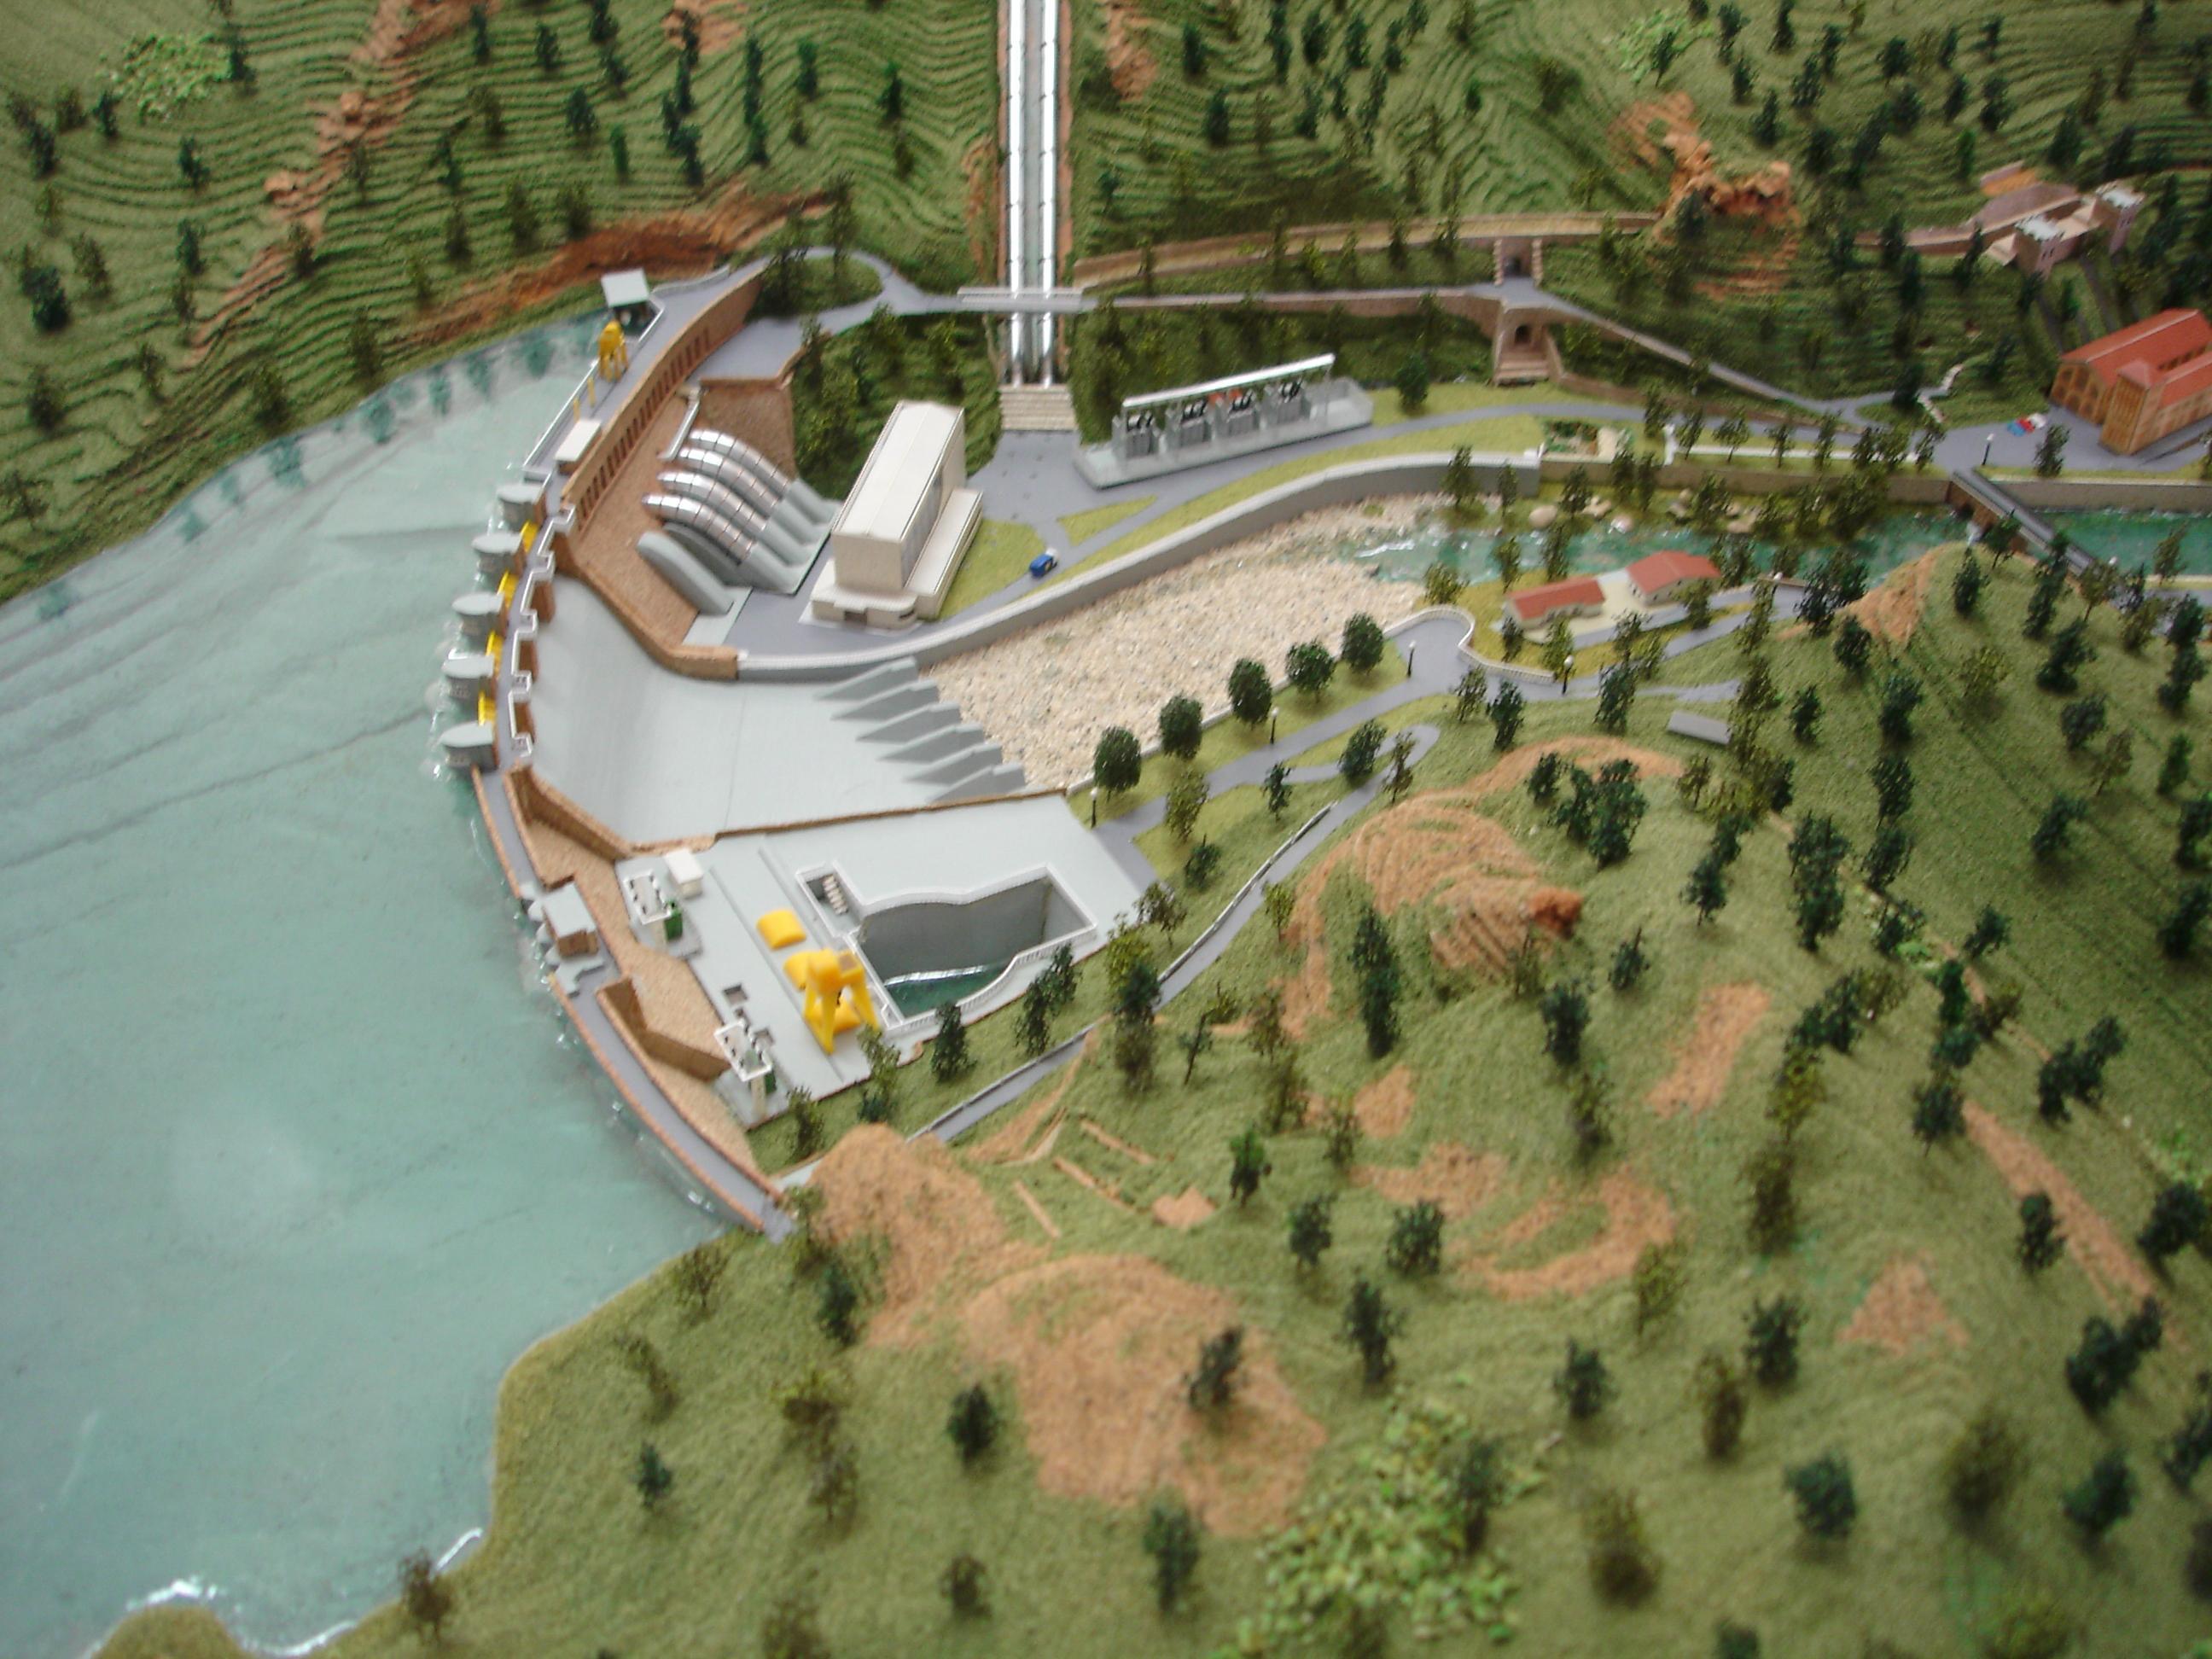 La CNE ataca a la hidráulica y a la nuclear - Desenchufados